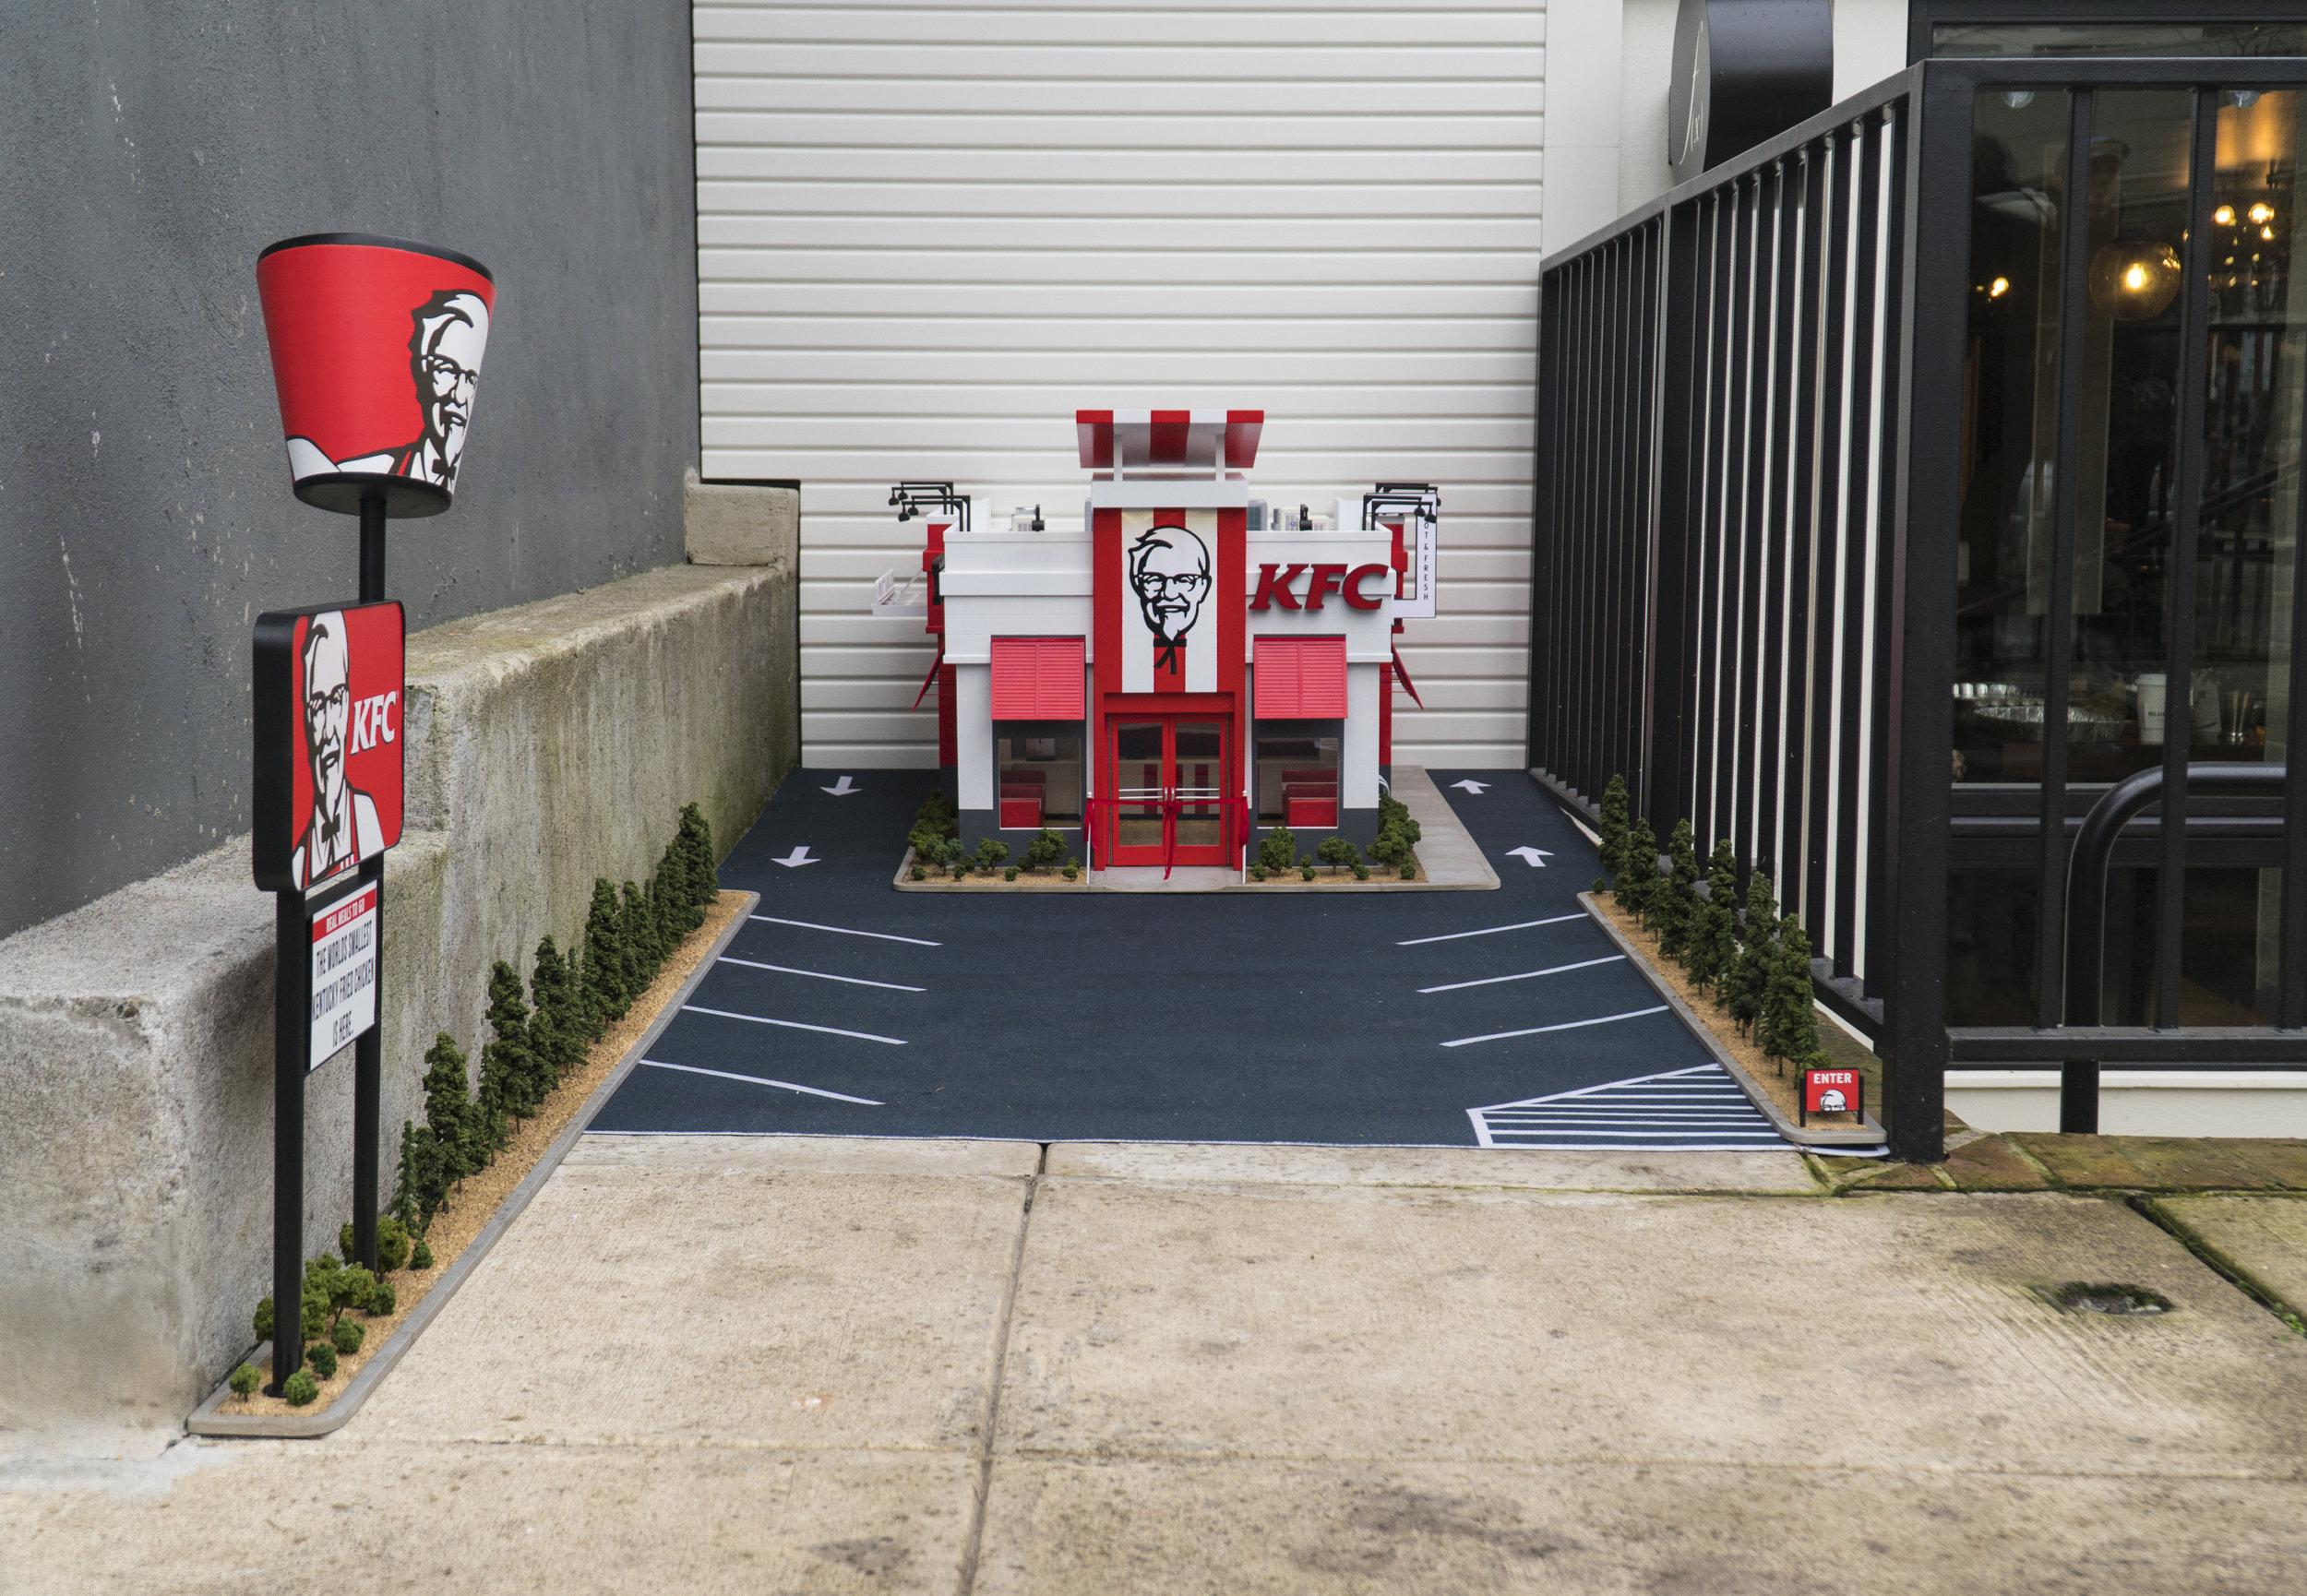 FullKFC_parkinglot.jpg